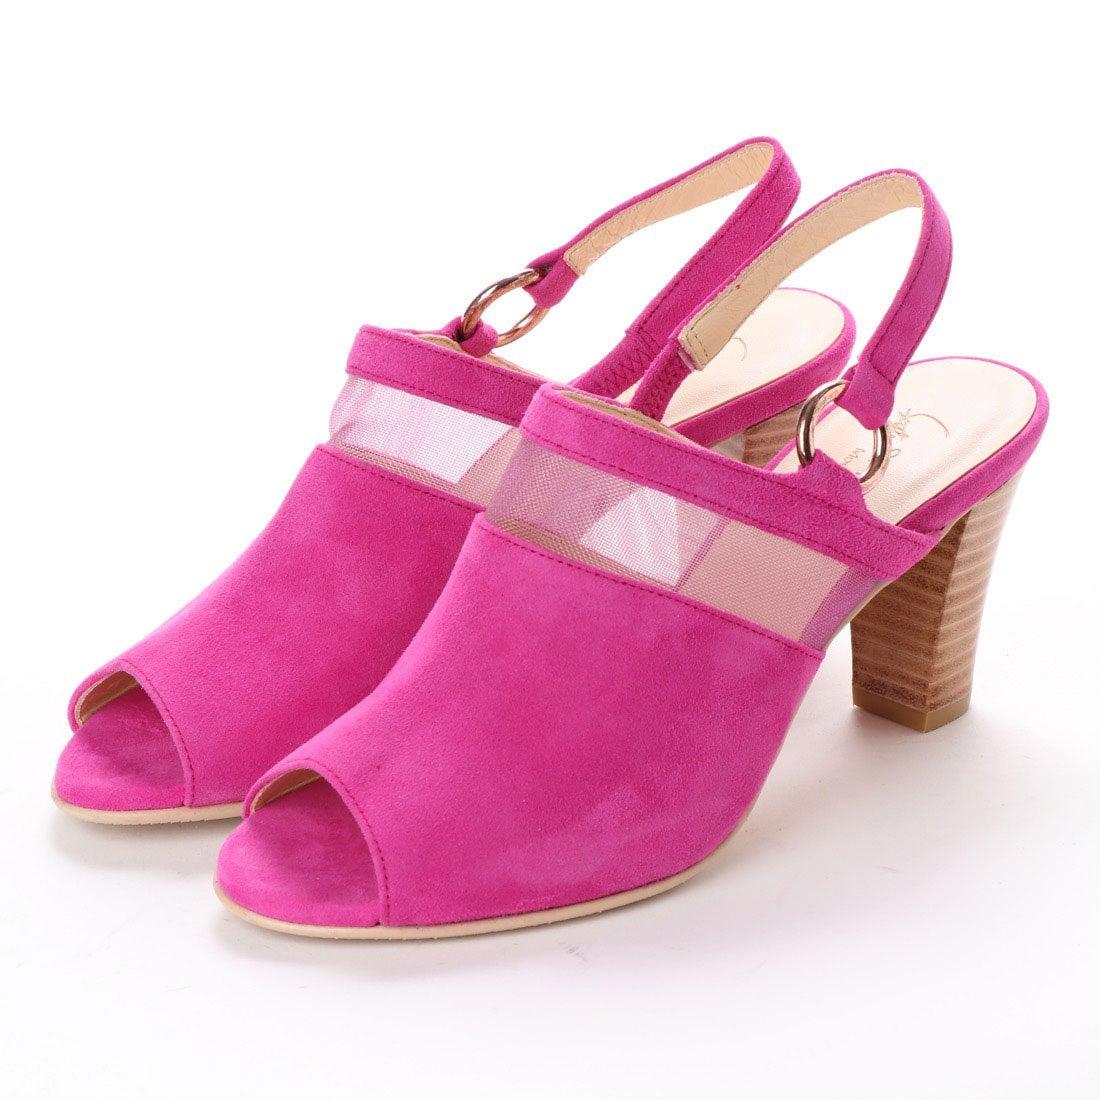 ロコンド 靴とファッションの通販サイトスタイルラボ STYLE lab チュールコンビカバードサンダル (ピンクスエード)